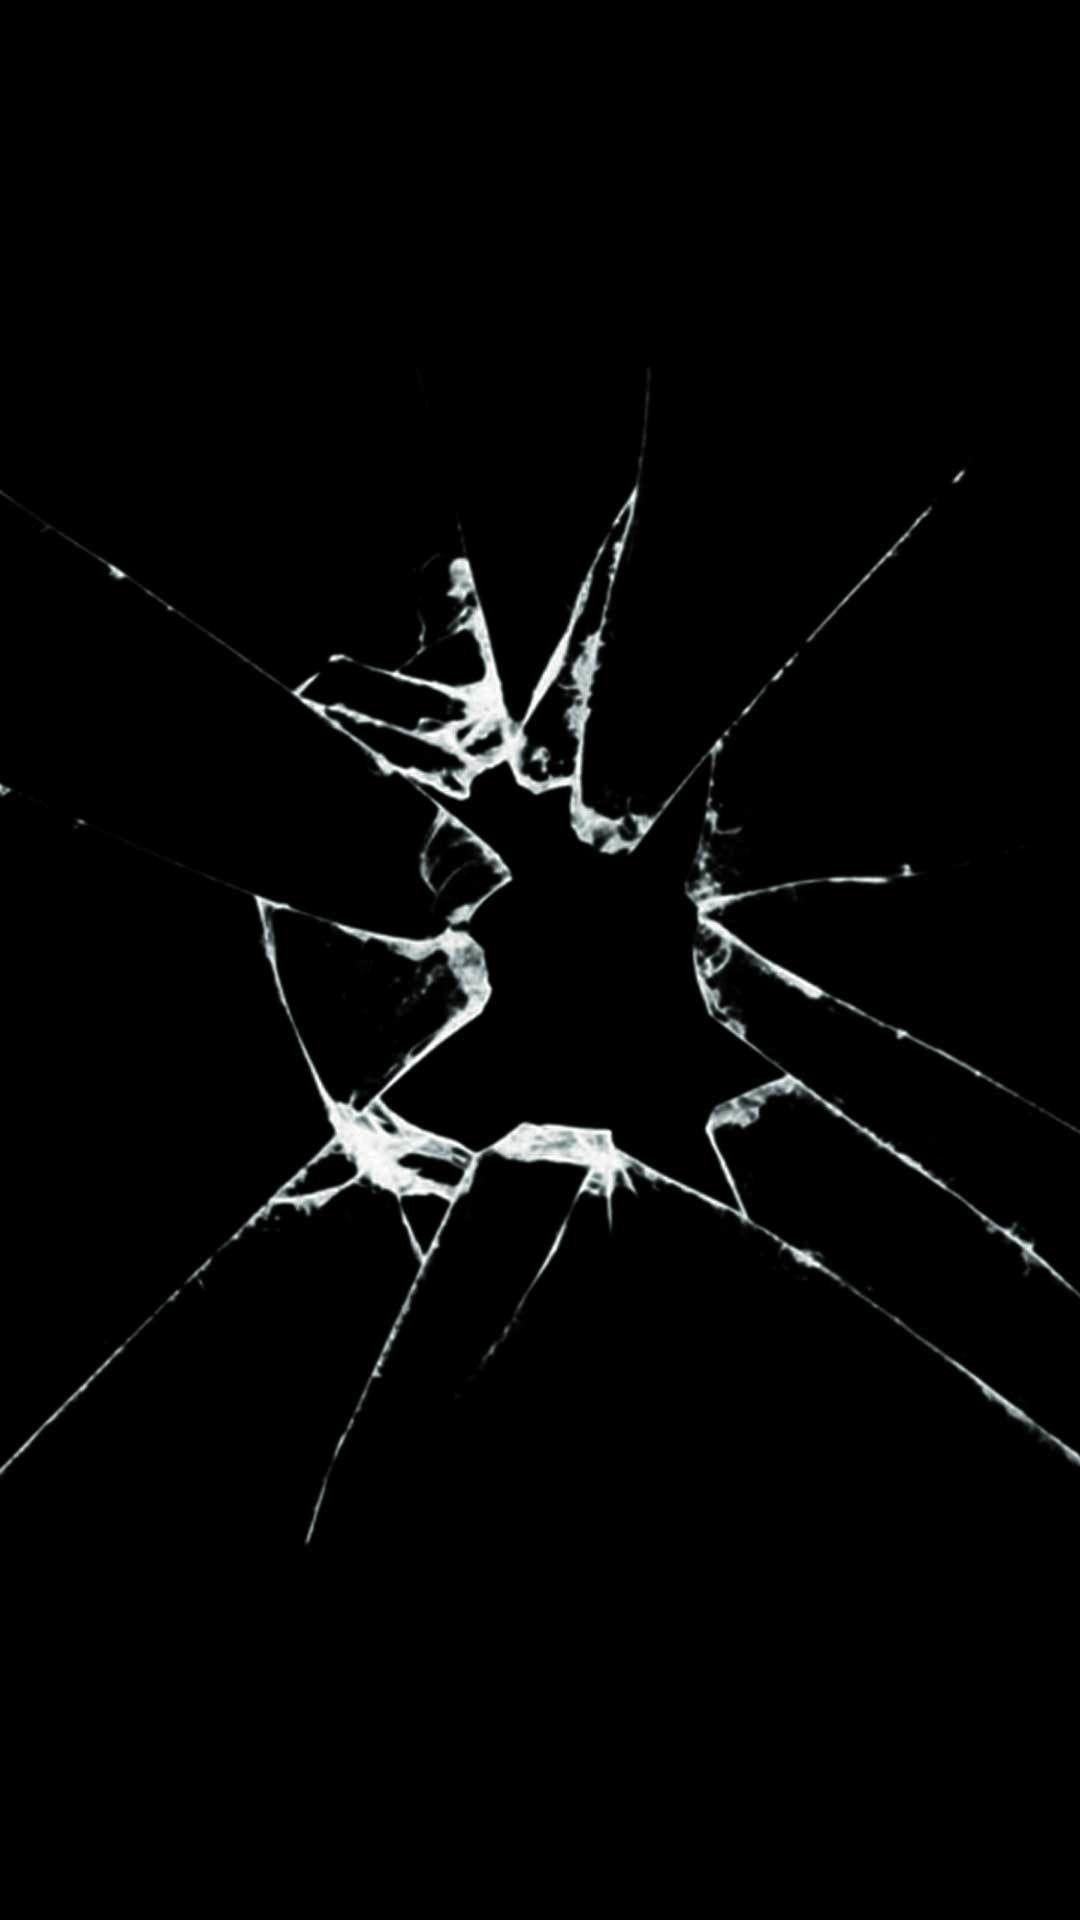 1080x1920 Broken Screen Wallpaper Iphone Broken Screen